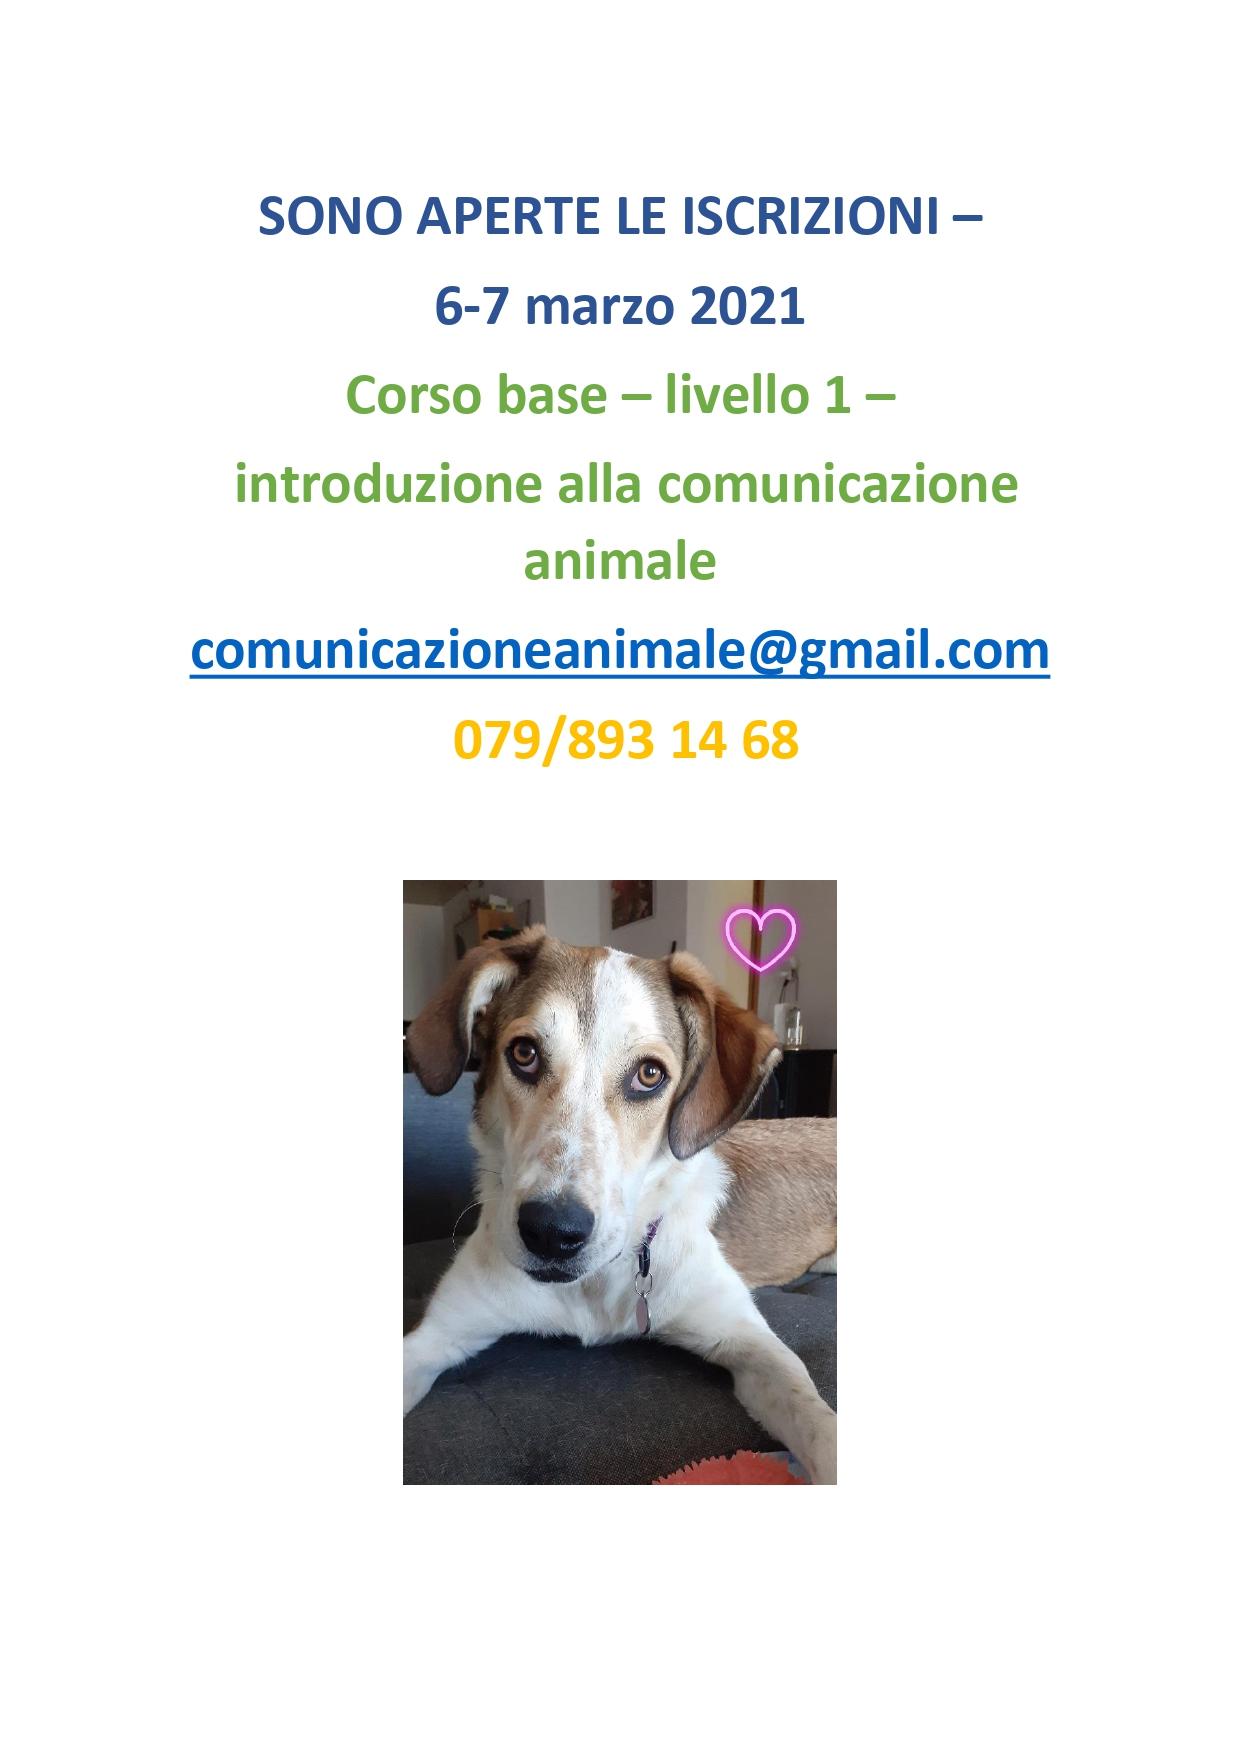 CORSO BASE2021_6-7marzo